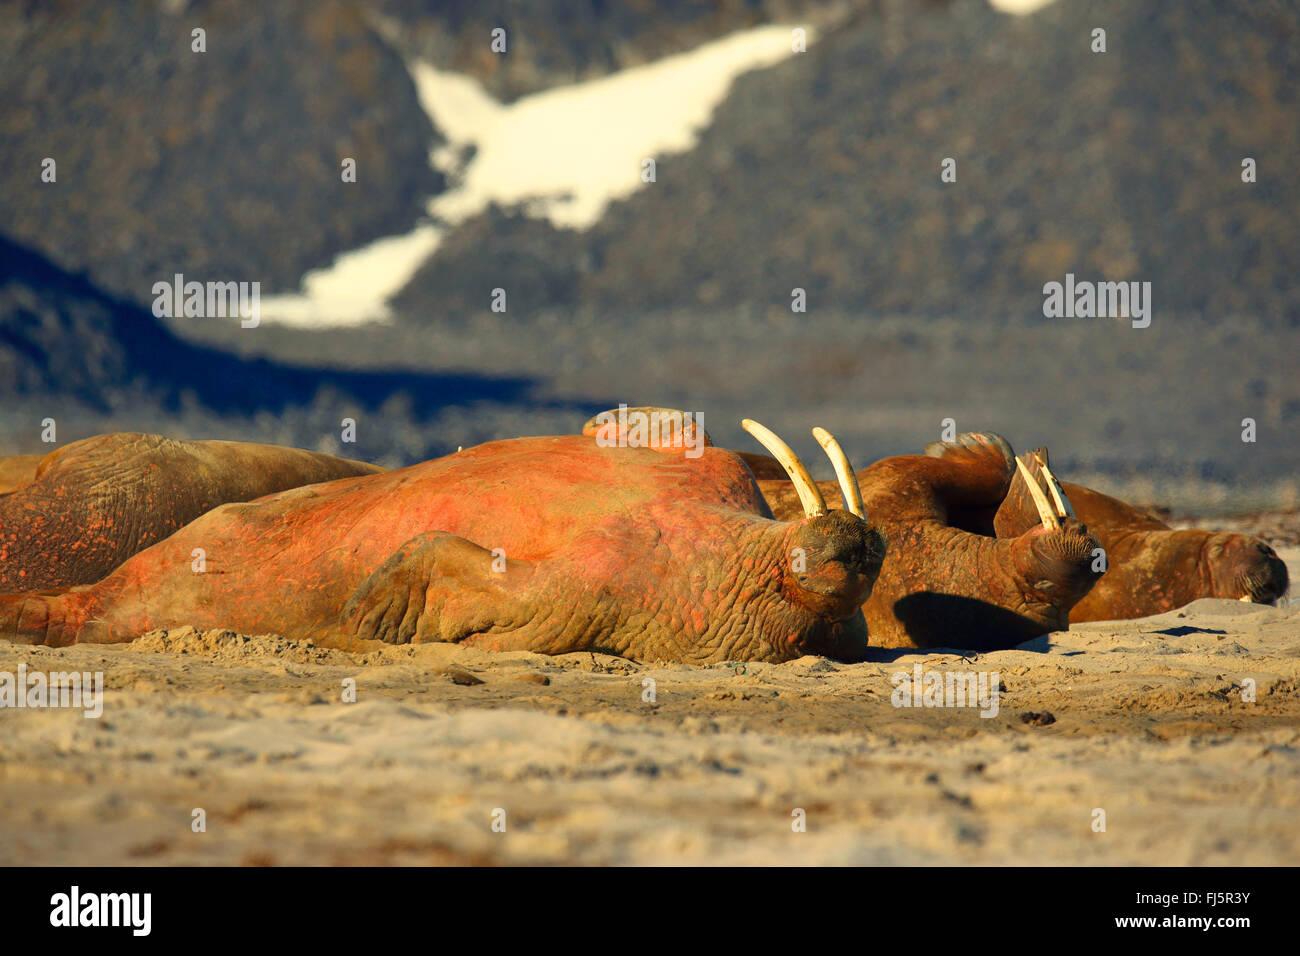 walrus (Odobenus rosmarus), resting walruses, Norway, Svalbard - Stock Image